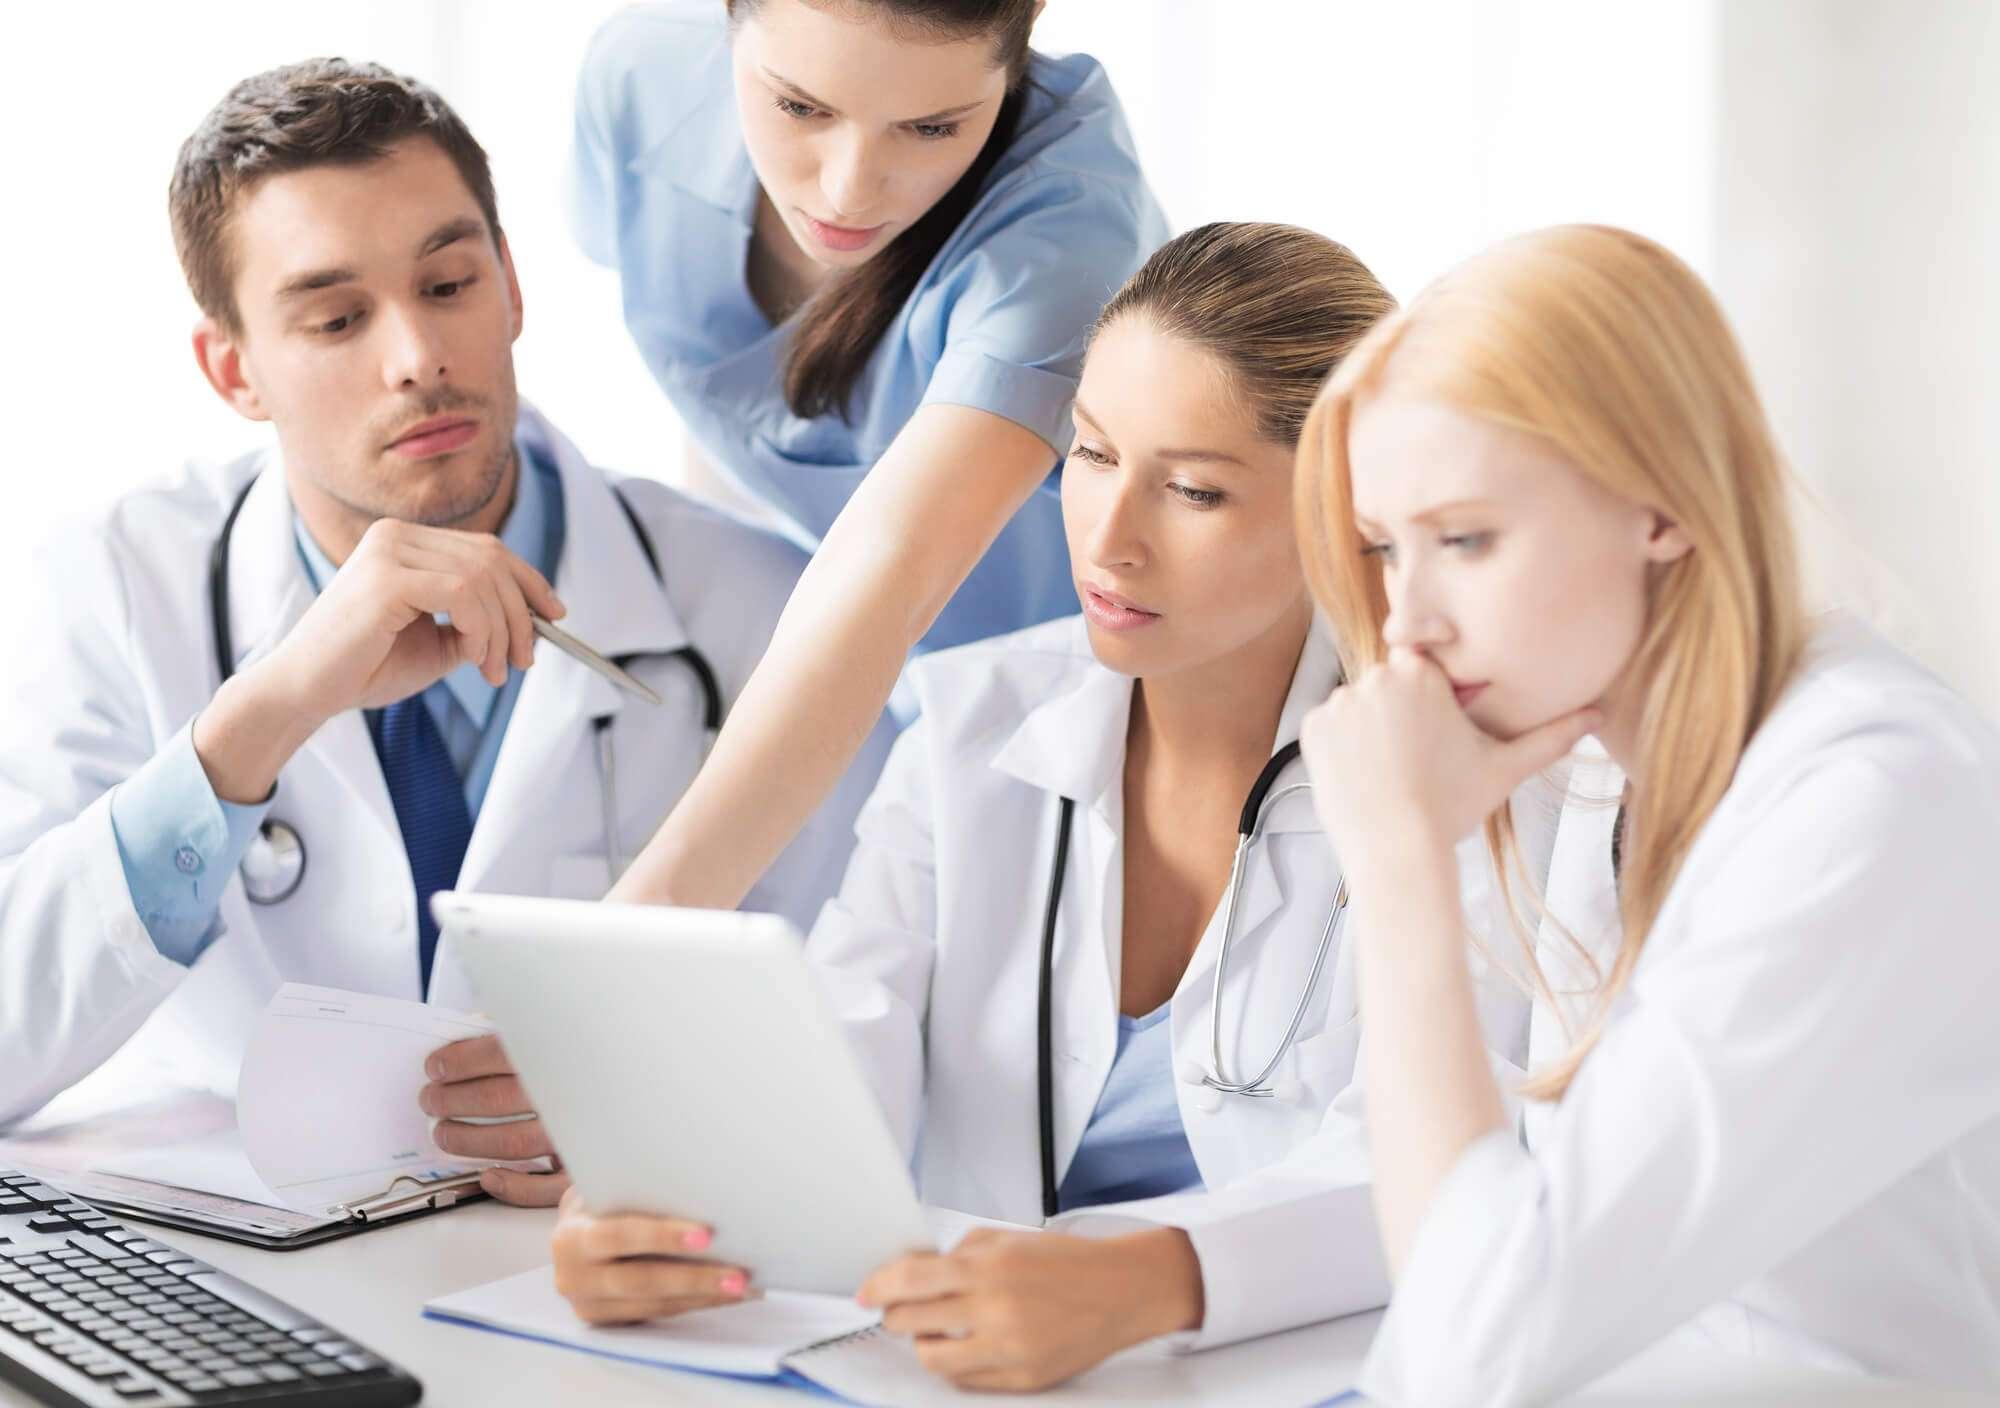 Reprodução humana: a importância da qualificação da equipe médica